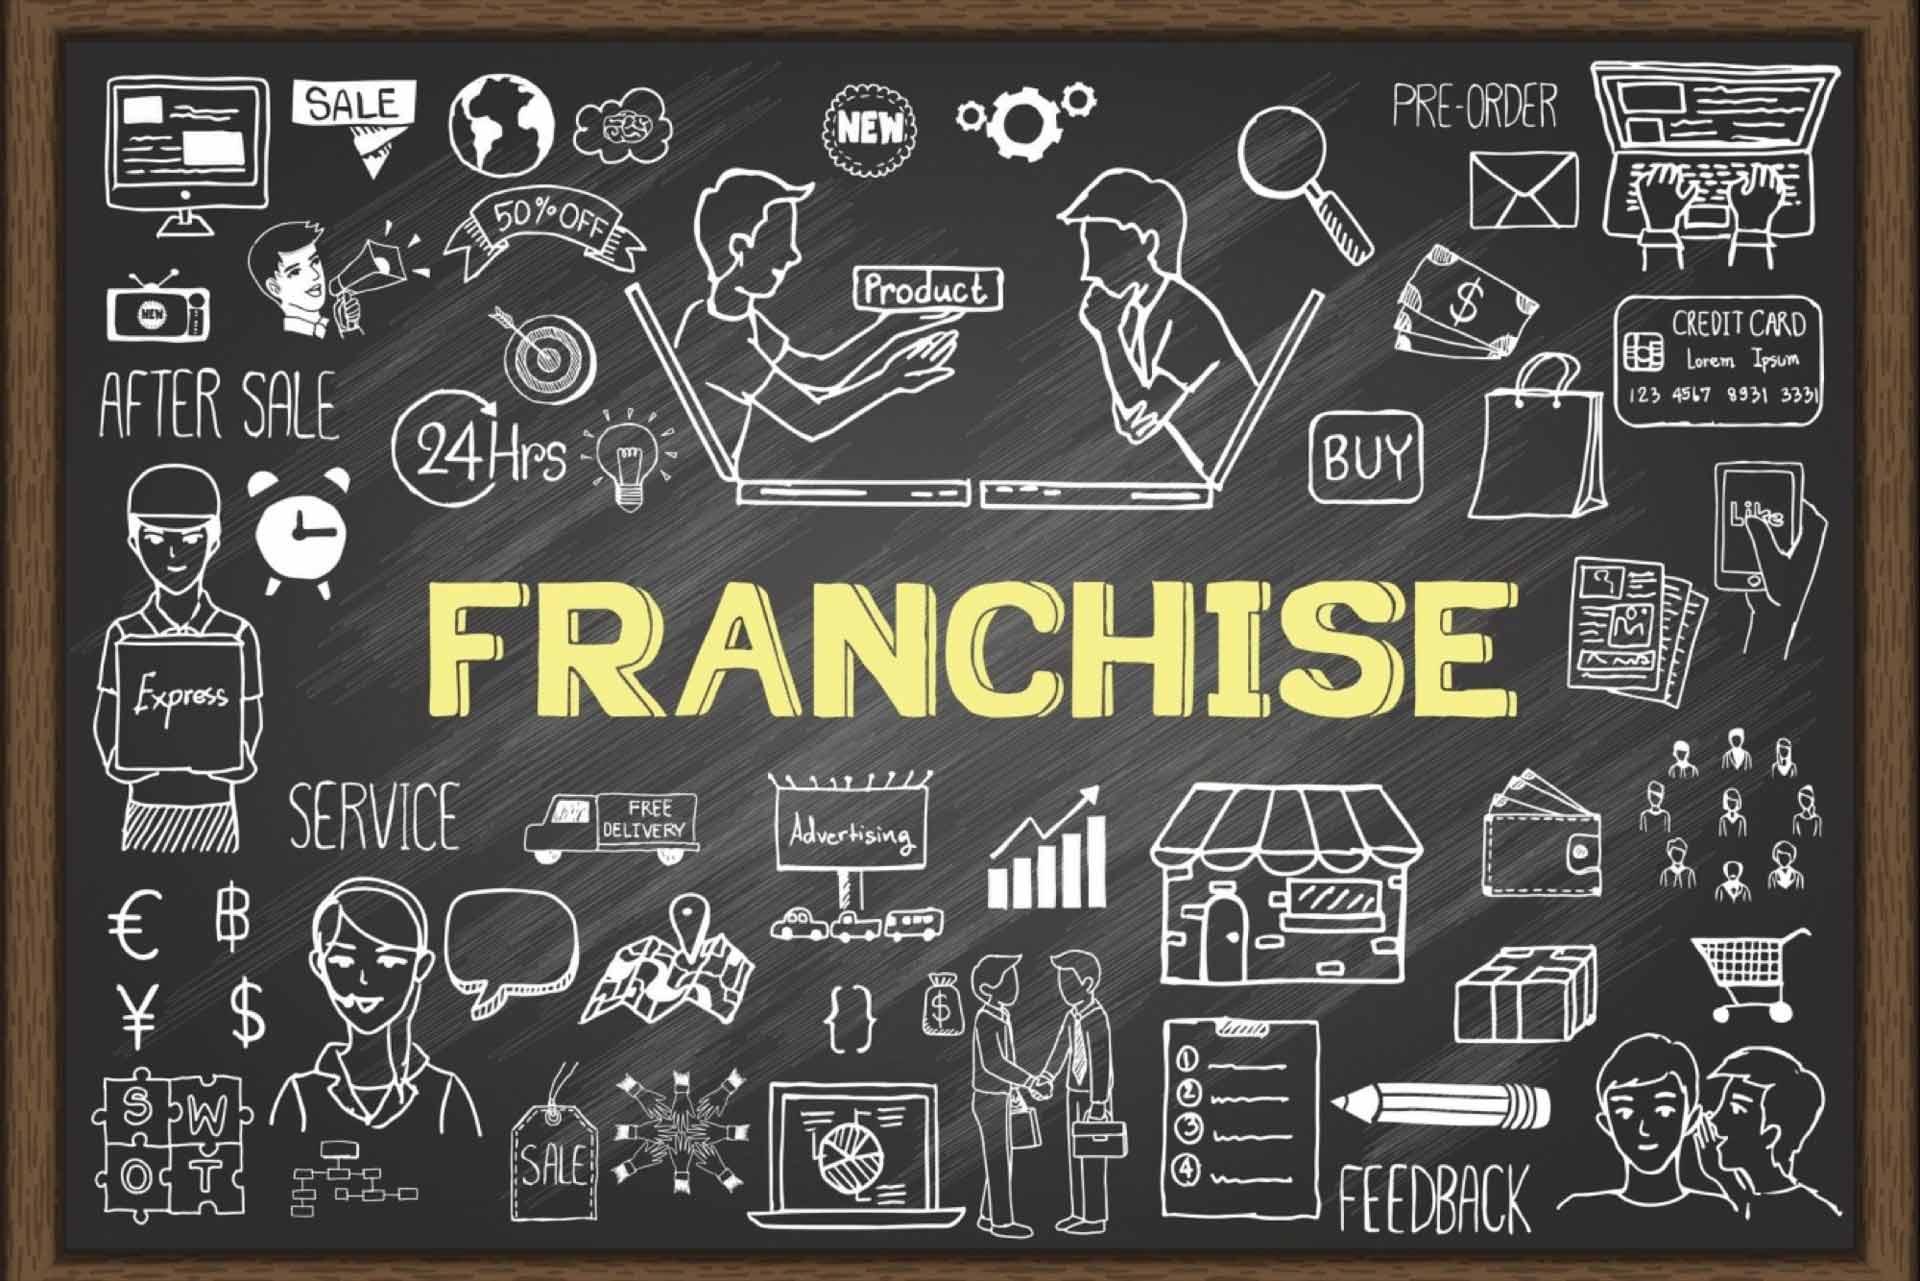 Как упаковать франшизу, которая будет продаваться и приносить доход. Руководство для начинающих.